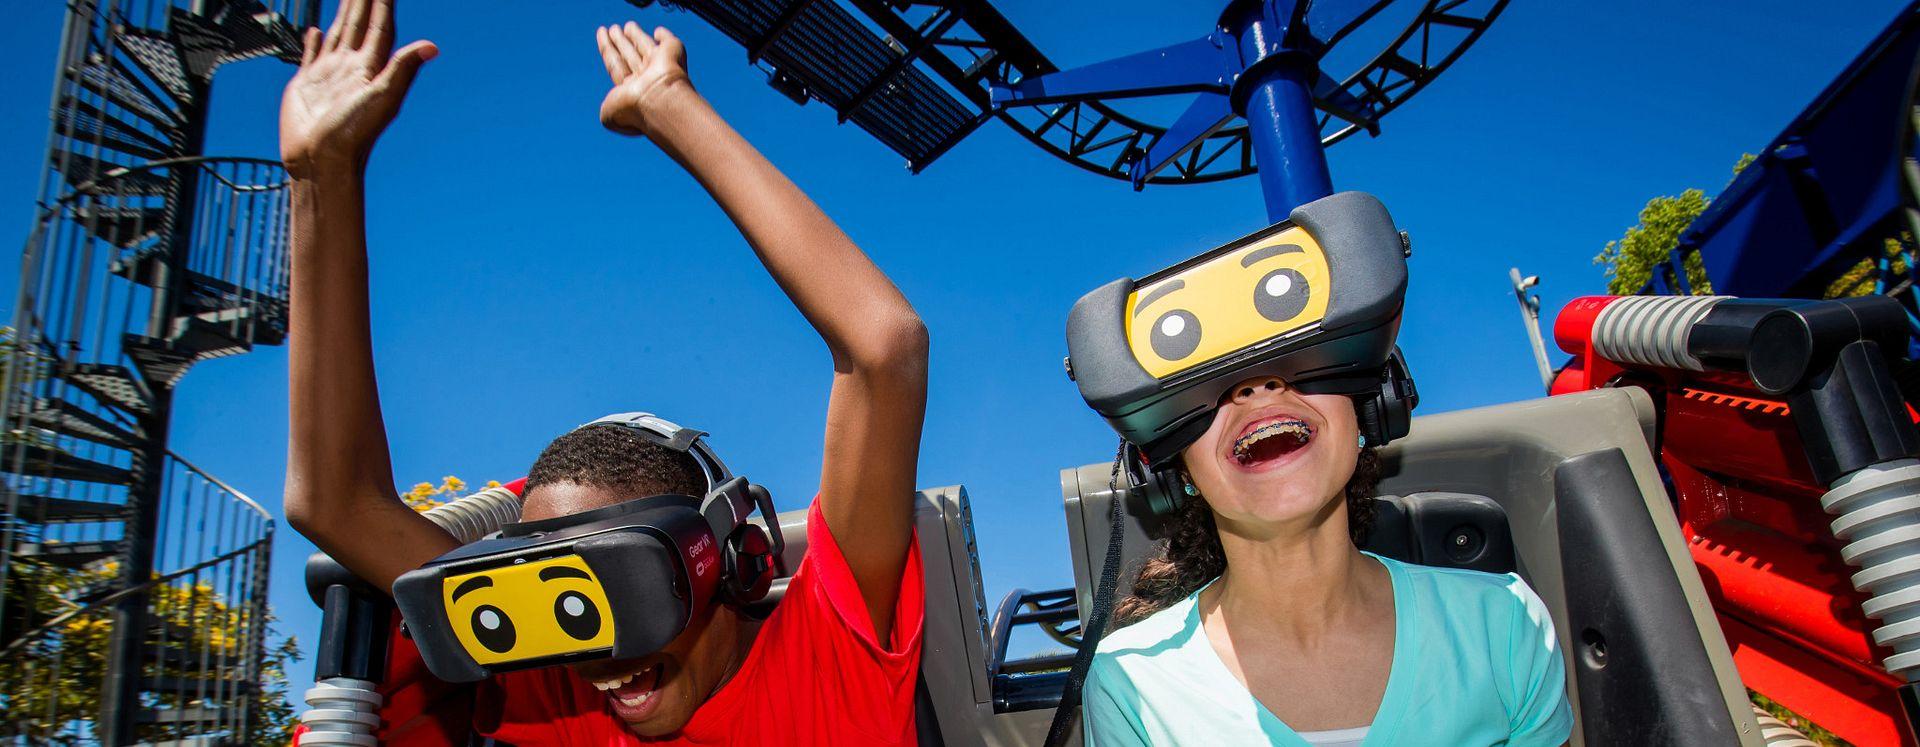 Dos niños en la montaña rusa Great LEGO Race usando equipos de realidad virtual